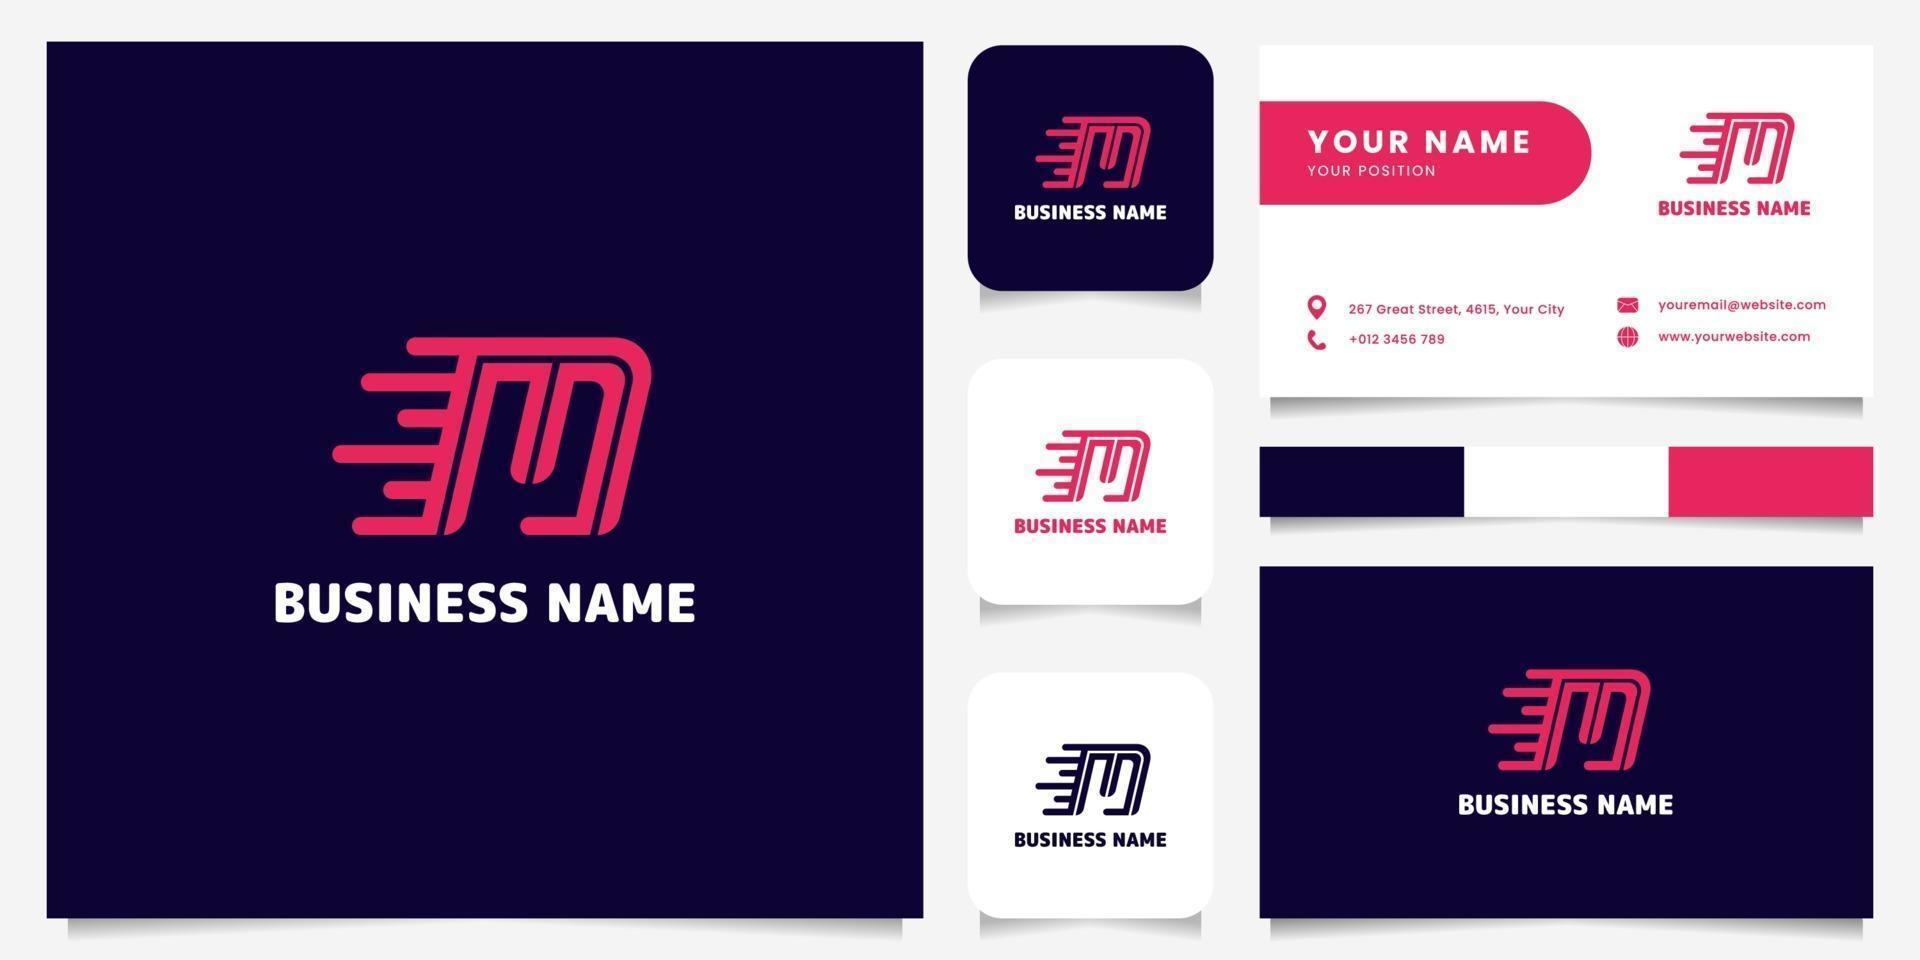 logo di velocità lettera m rosa brillante semplice e minimalista nel logo di sfondo scuro con modello di biglietto da visita vettore